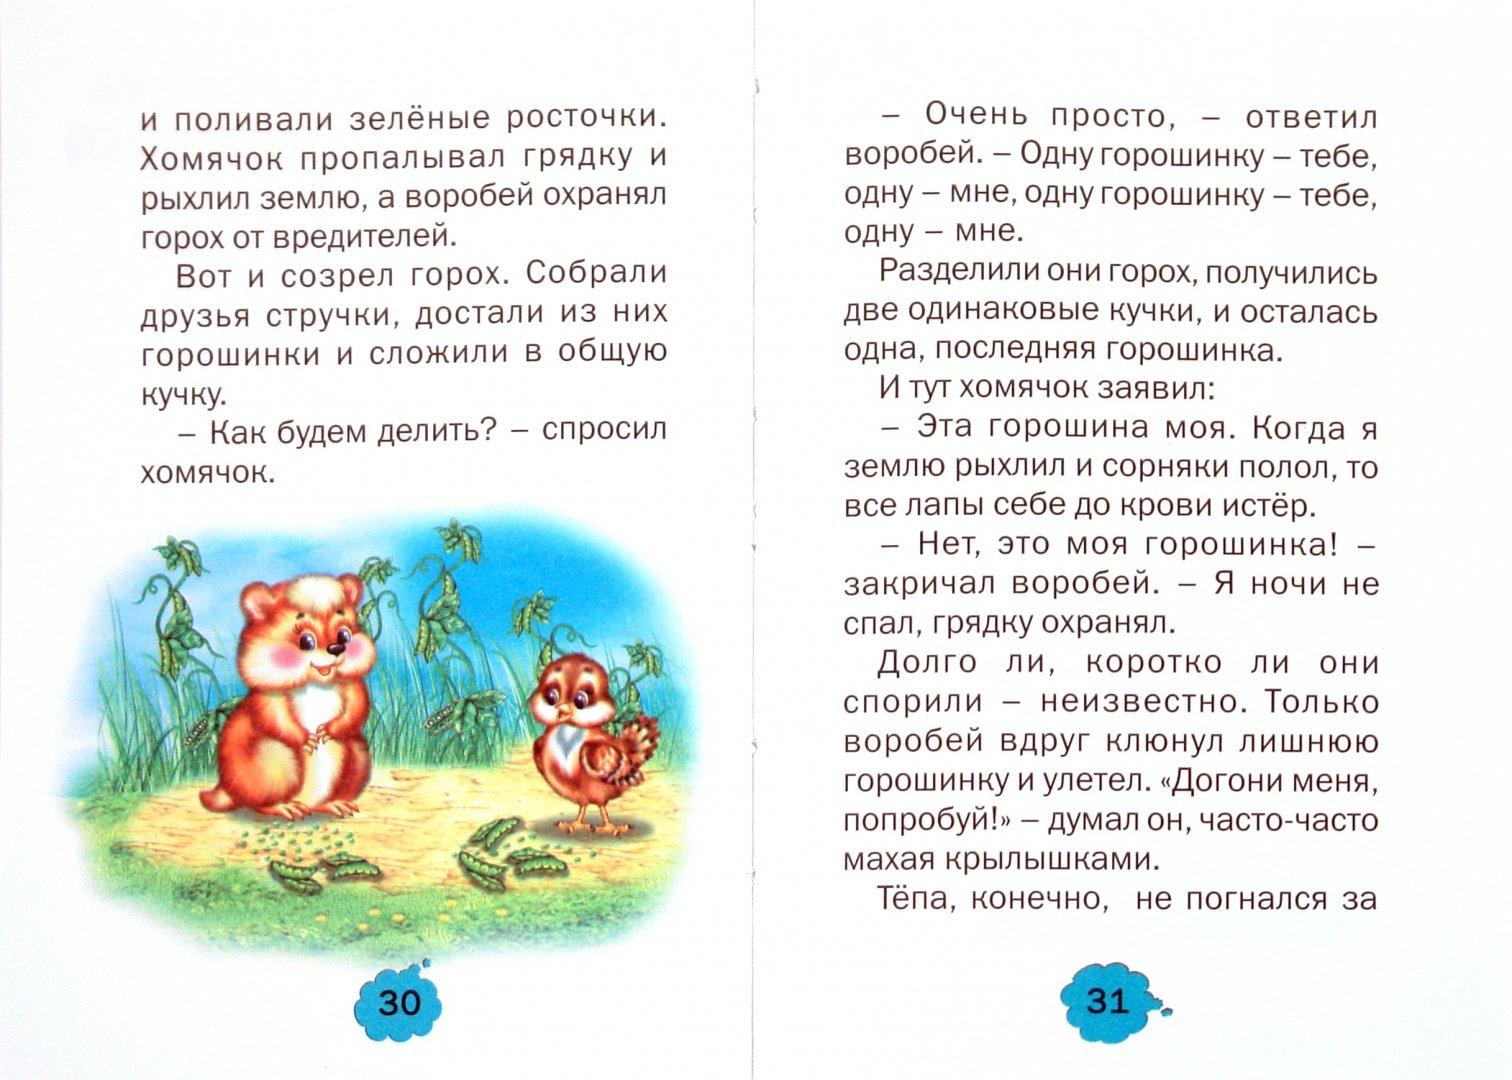 Иллюстрация 1 из 3 для Сказки-малютки - Татьяна Комзалова | Лабиринт - книги. Источник: Лабиринт